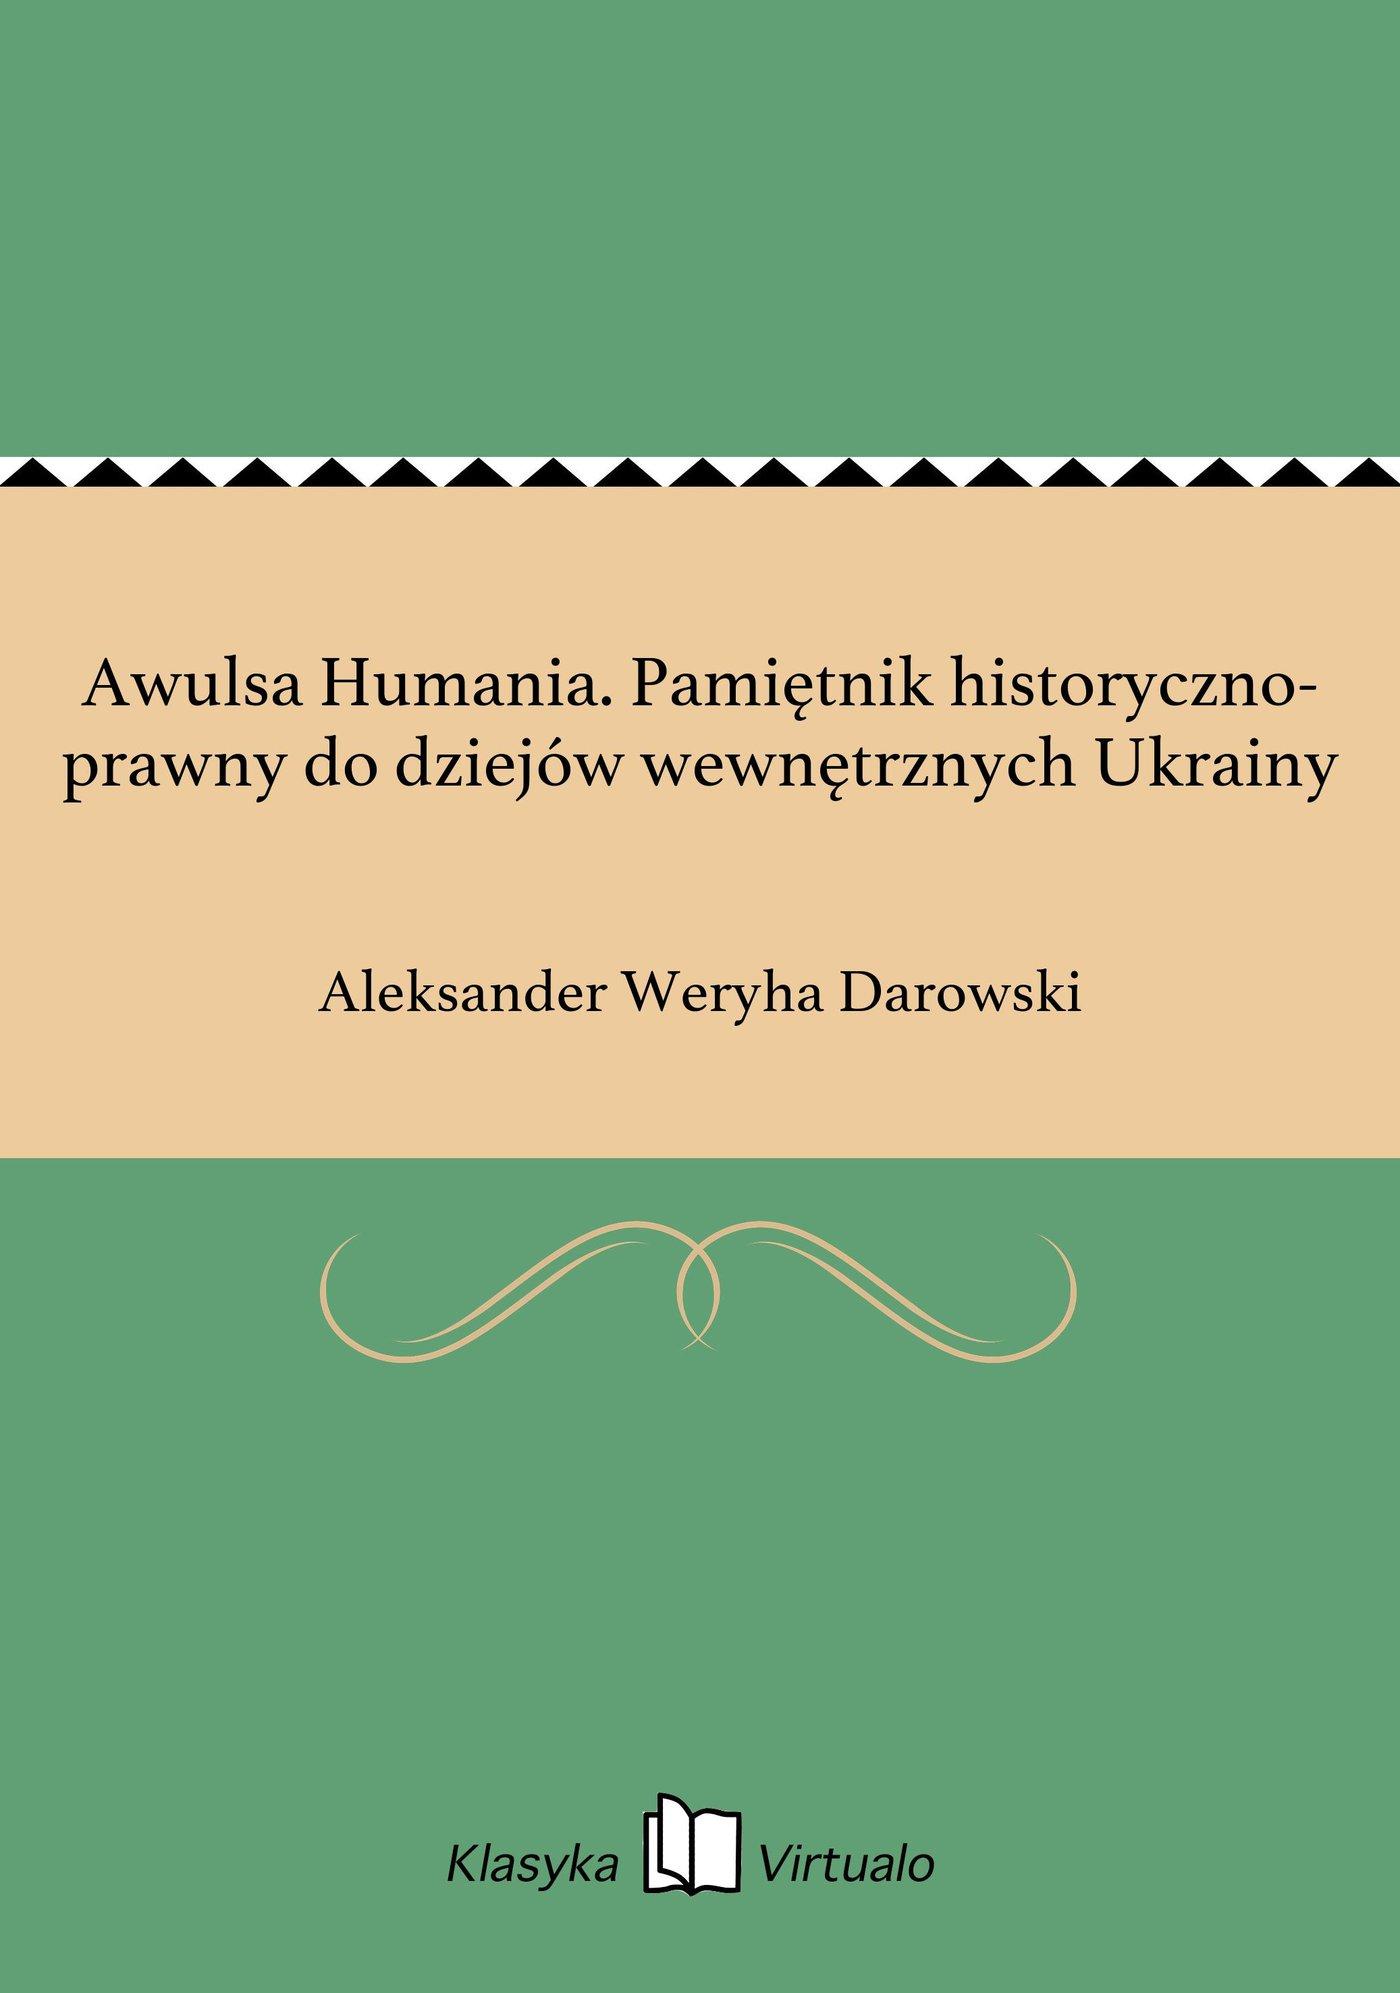 Awulsa Humania. Pamiętnik historyczno-prawny do dziejów wewnętrznych Ukrainy - Ebook (Książka EPUB) do pobrania w formacie EPUB